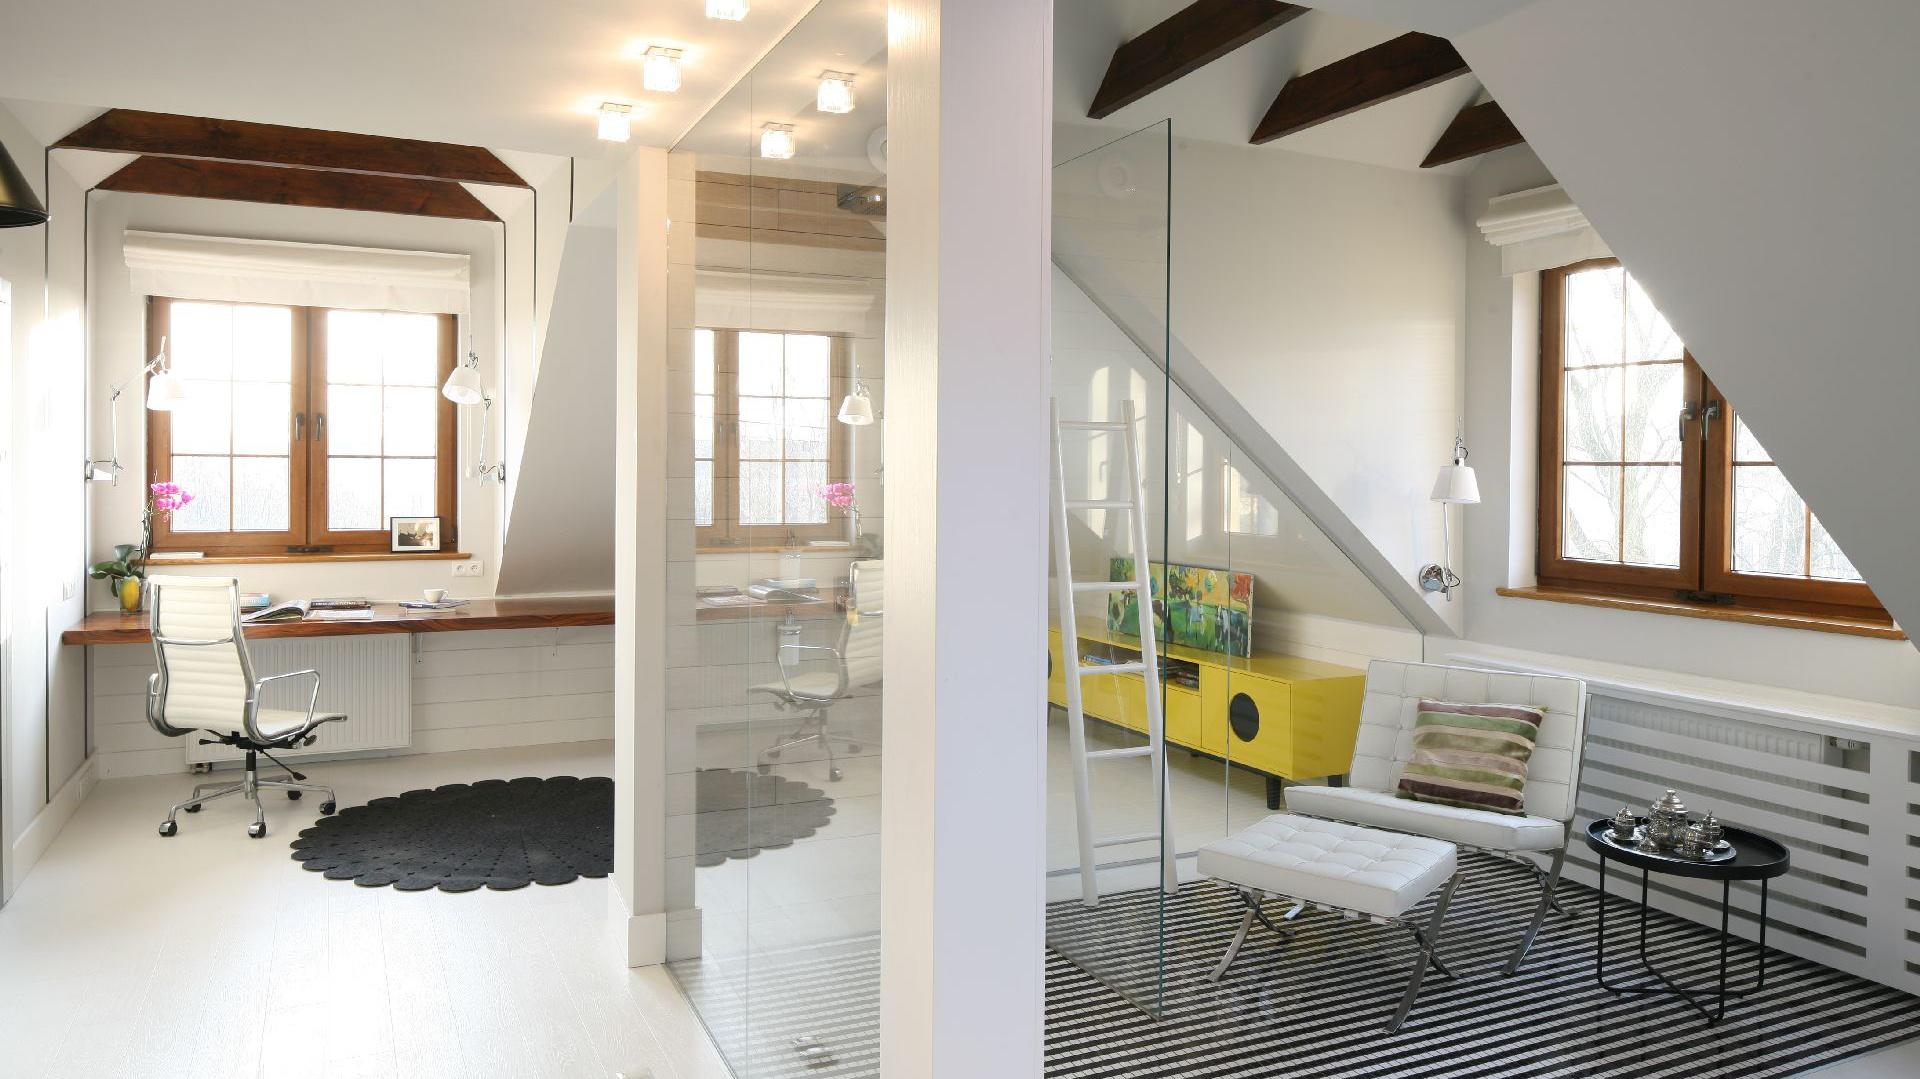 Kabinę prysznicową z imponującym przeszkleniem wykonano na zamówienie. Posadzkę wyłożono czarno-białą mozaiką w pasiasty wzór. Fot. Bartosz Jarosz.